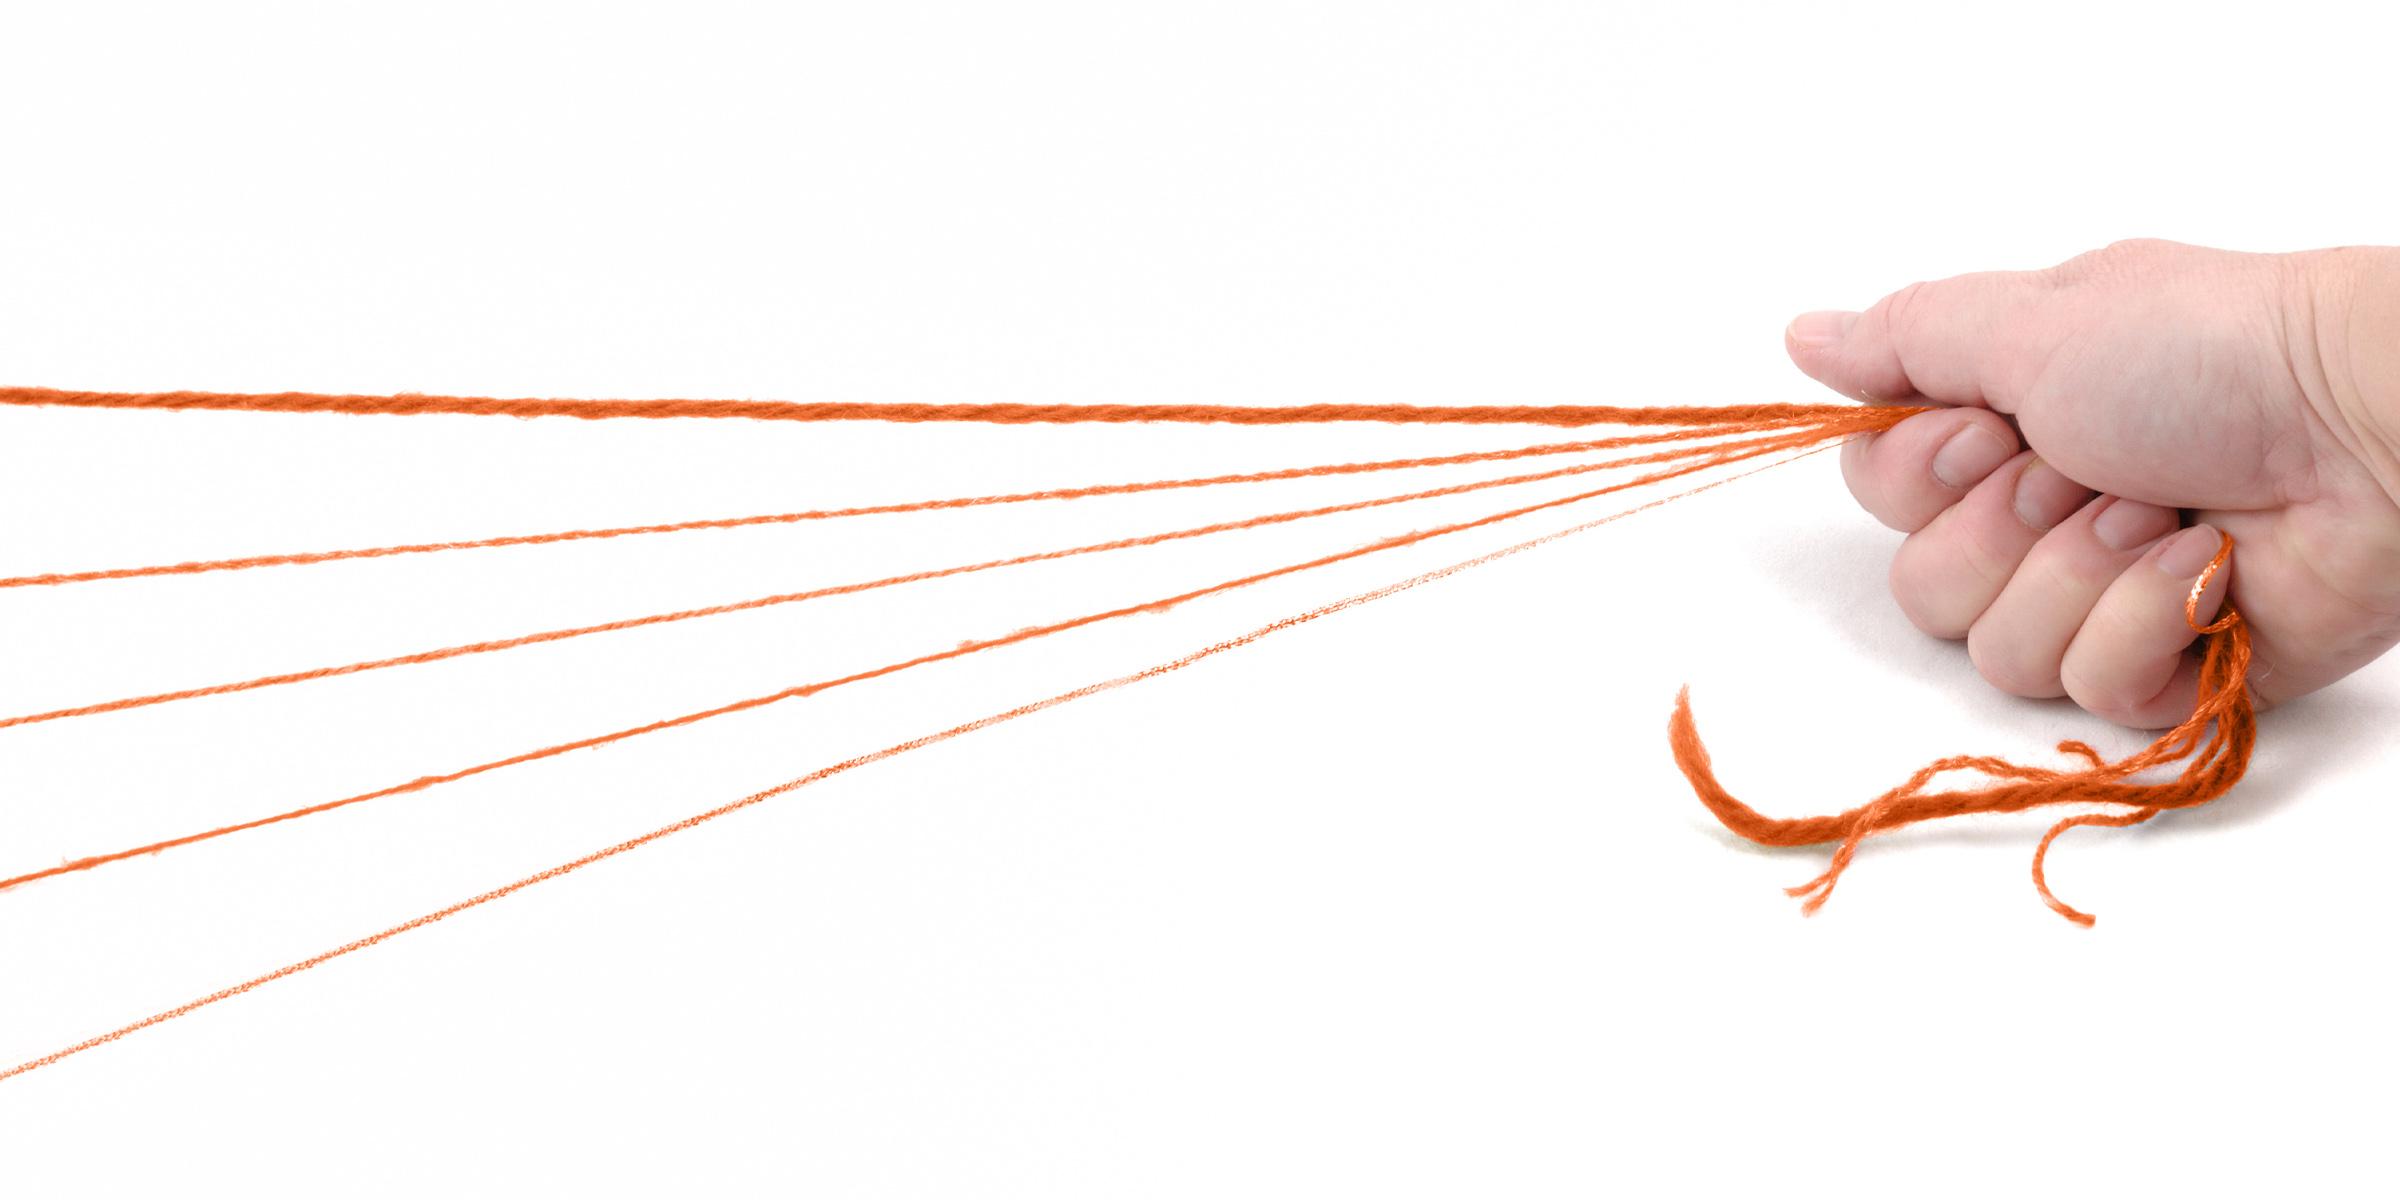 Fäden, die in einer Hand zusammenlaufen